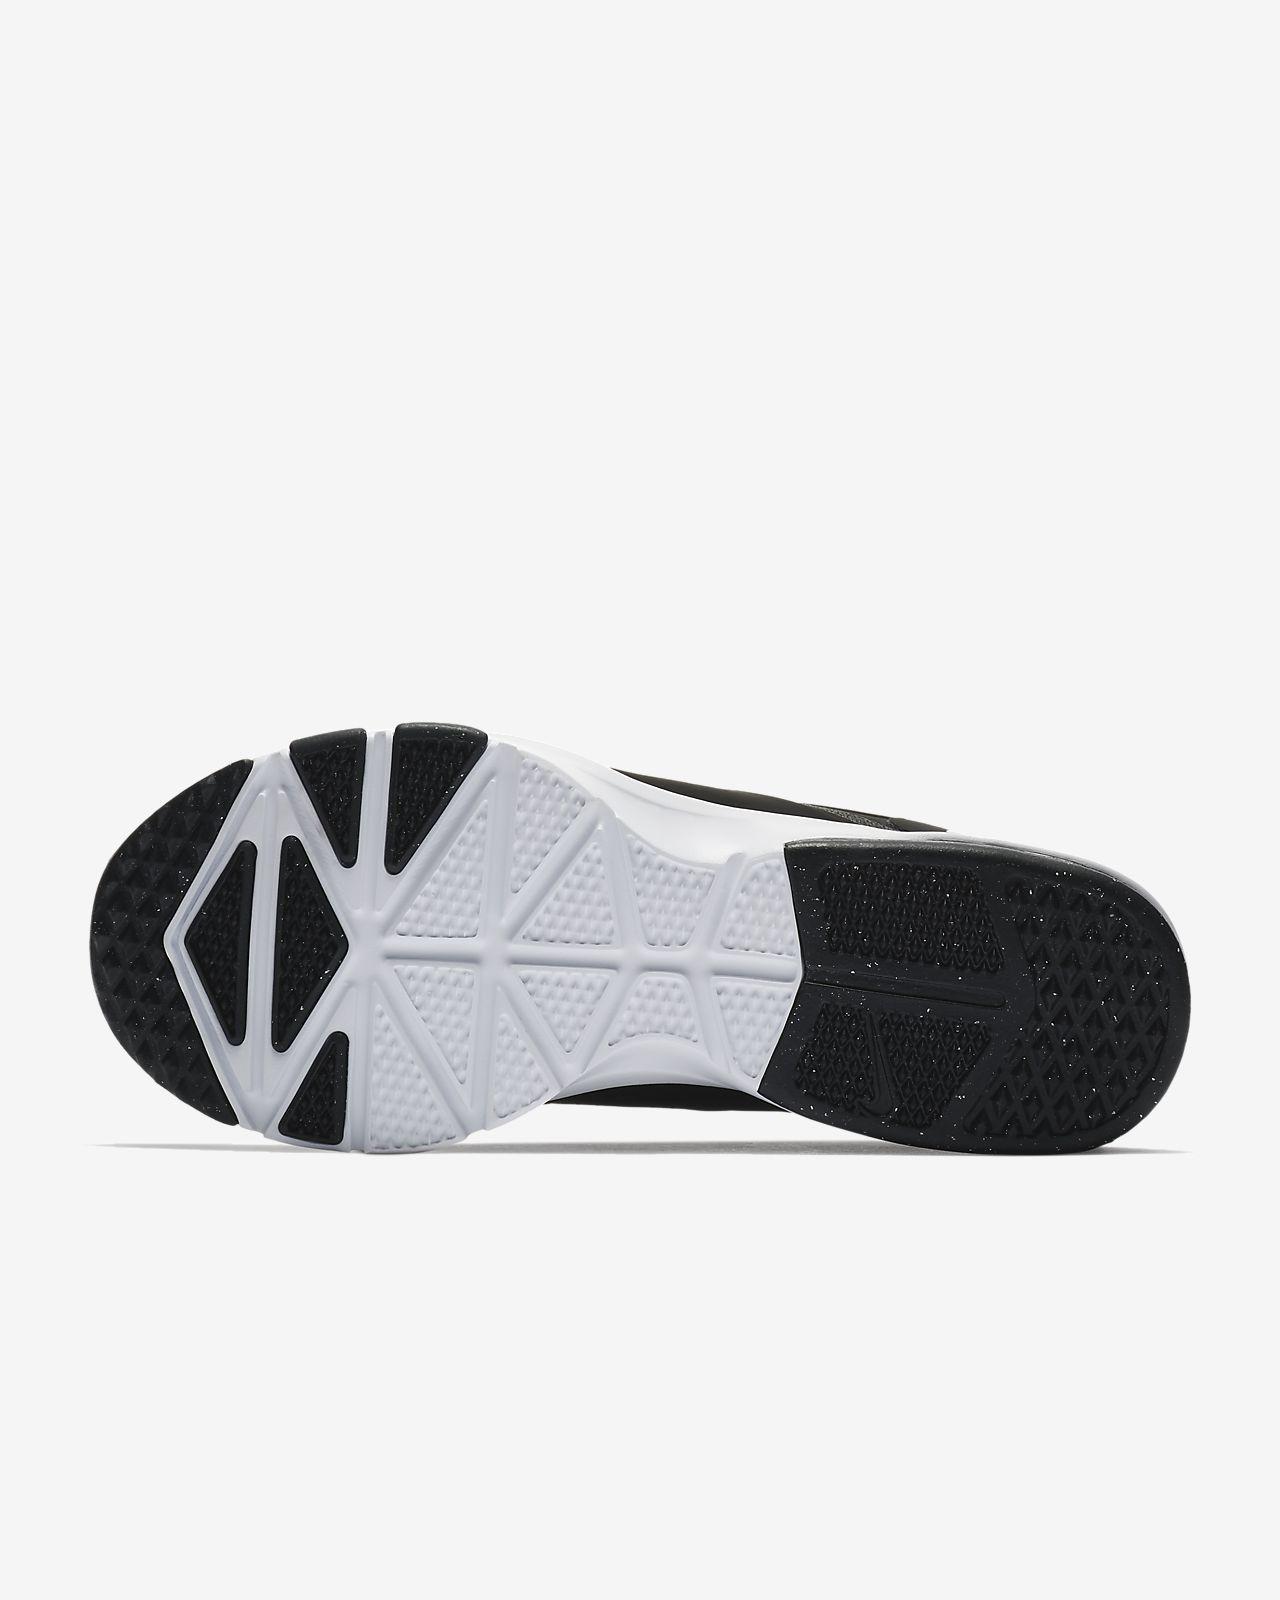 df575646529 Chaussure de training Nike Air Bella TR pour Femme. Nike.com FR